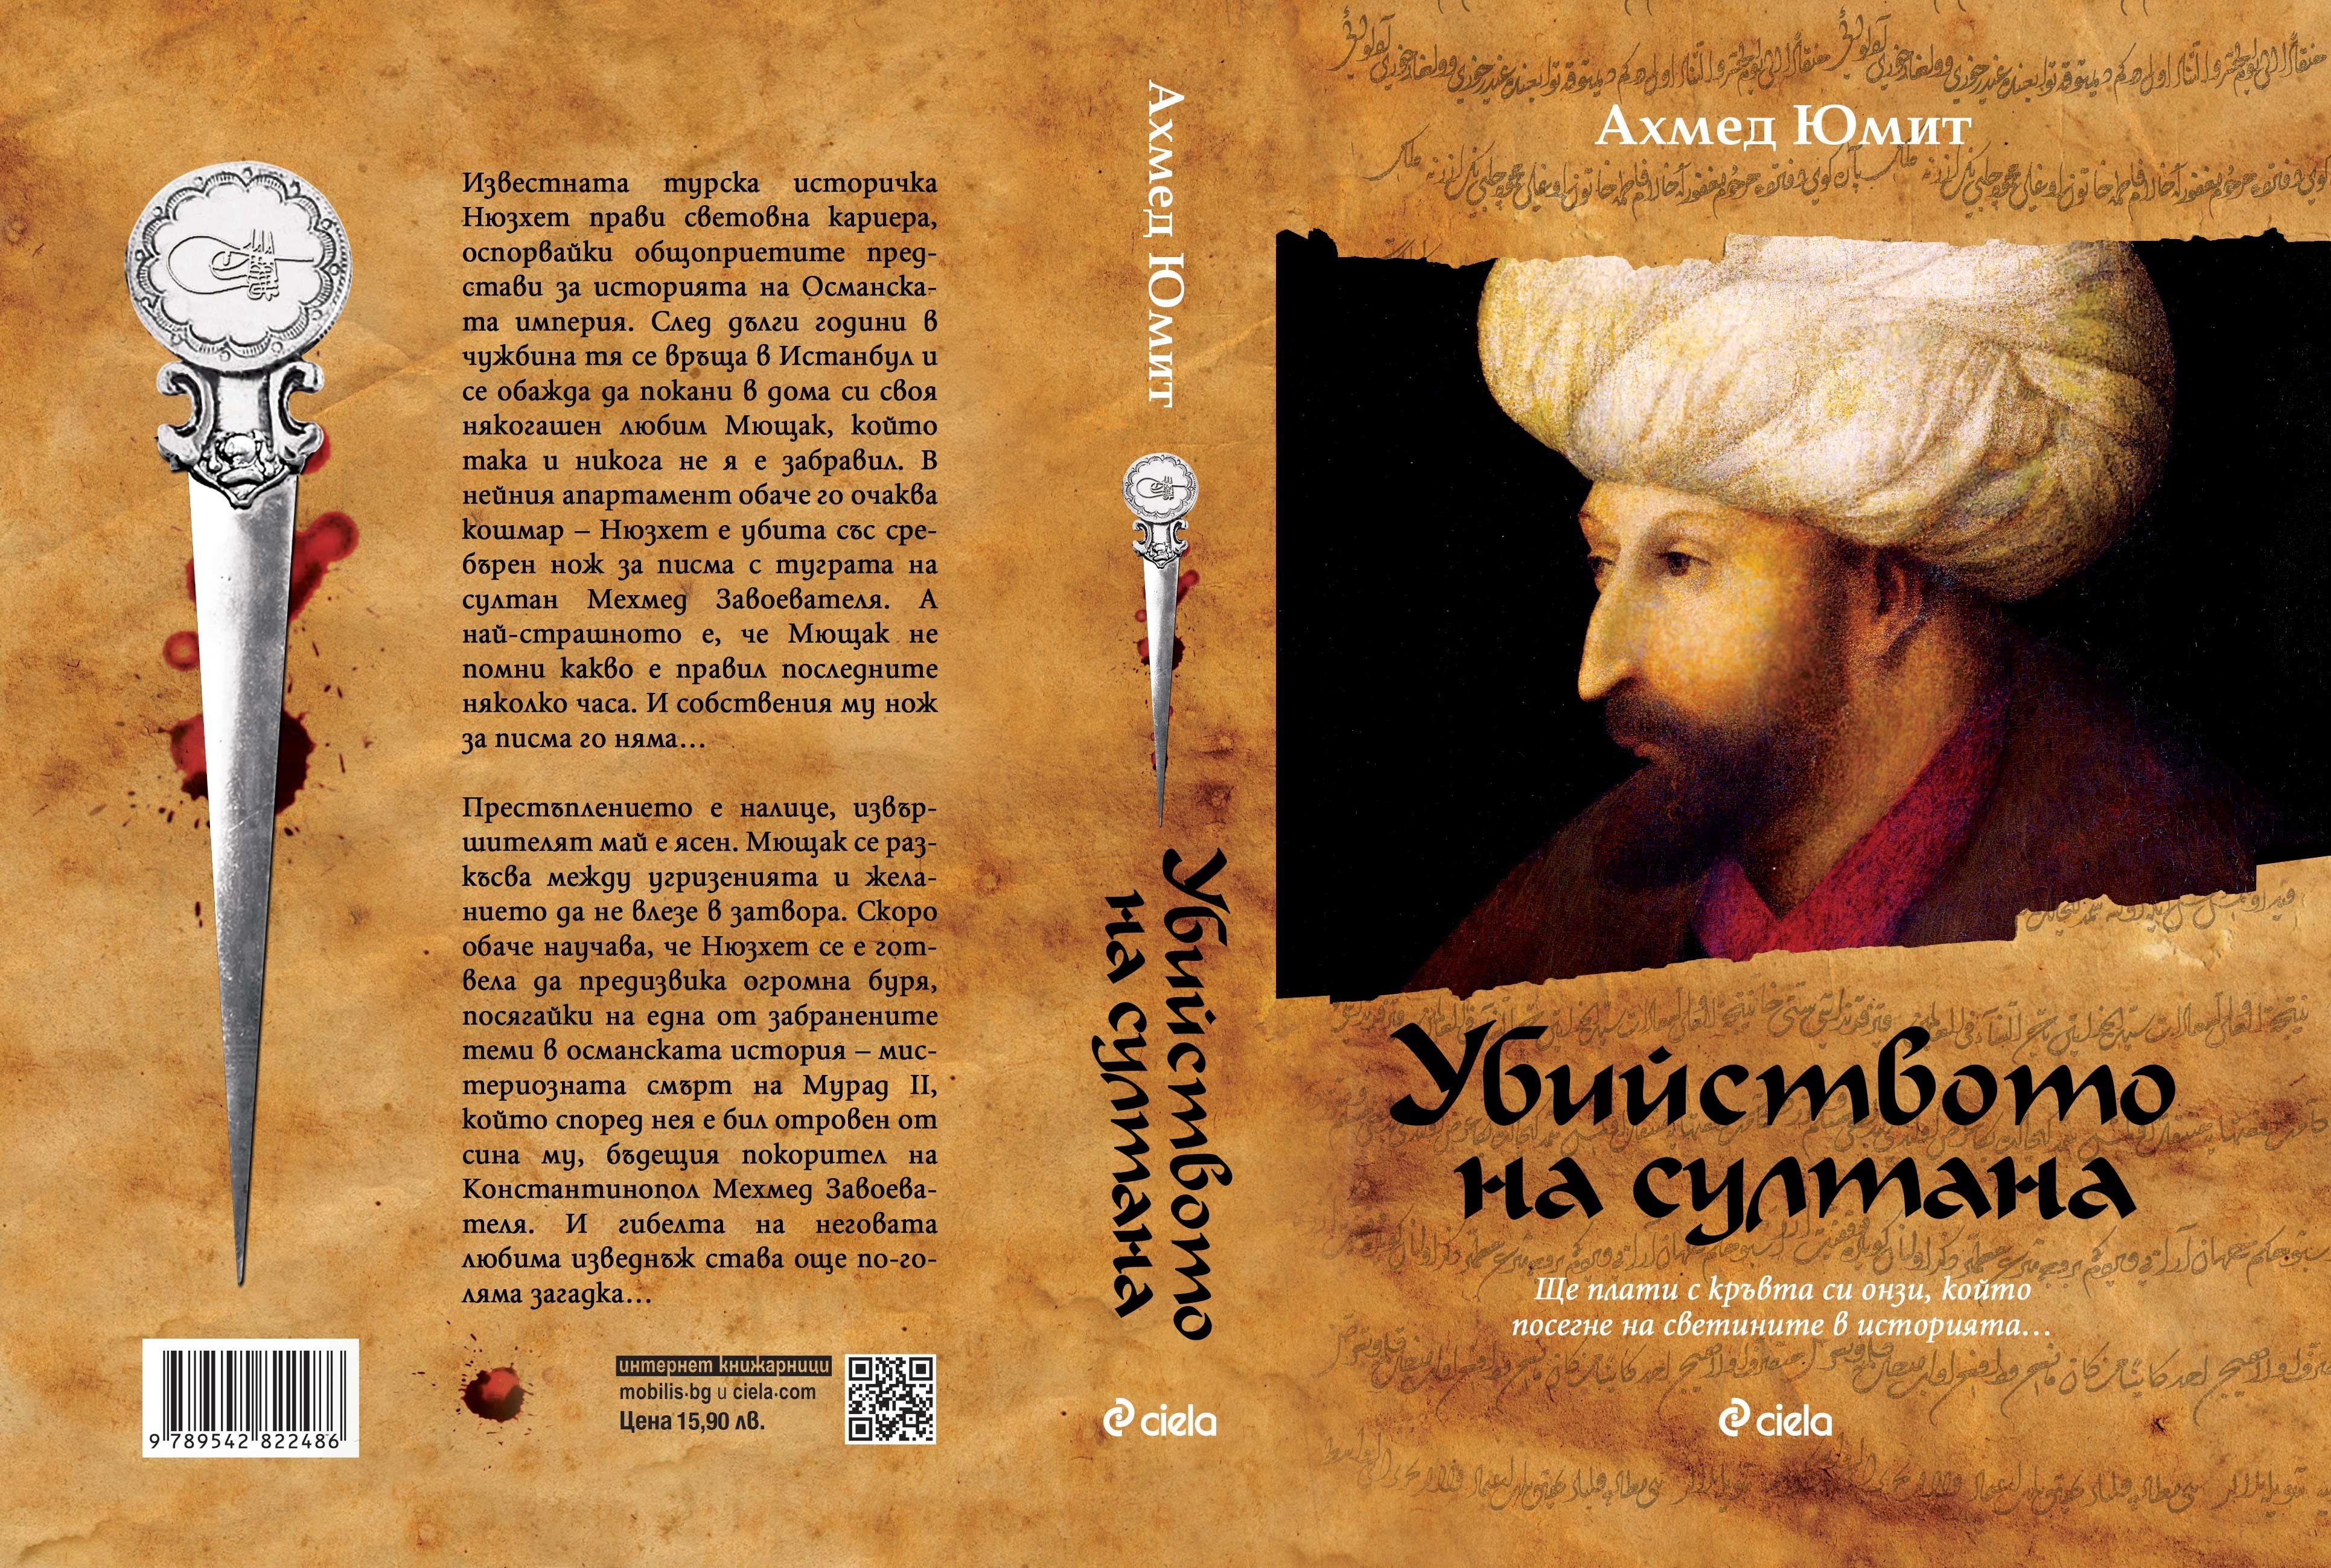 Убийството на султана - 2